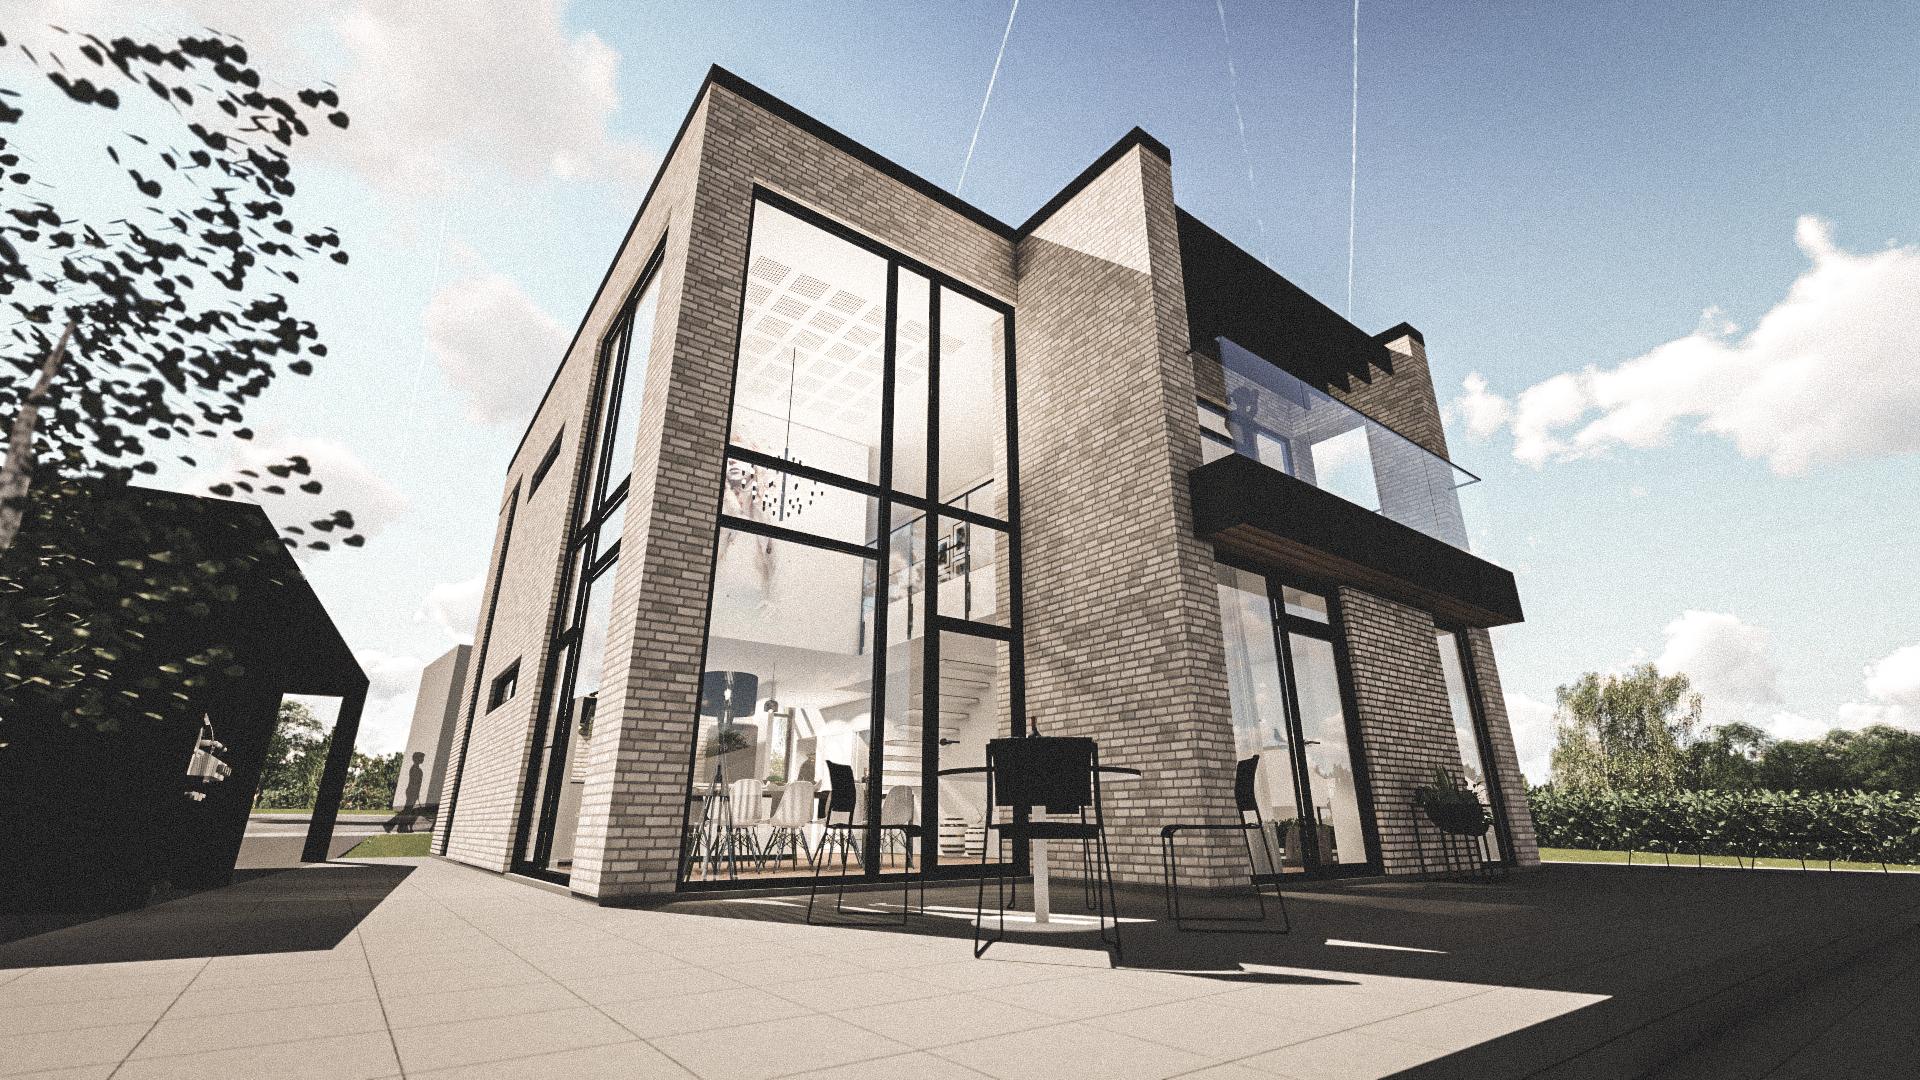 Billede af Dansk arkitekttegnet 2 plan villa af arkitektfirmaet m2plus, i Odense på 192 kvartratmeter.